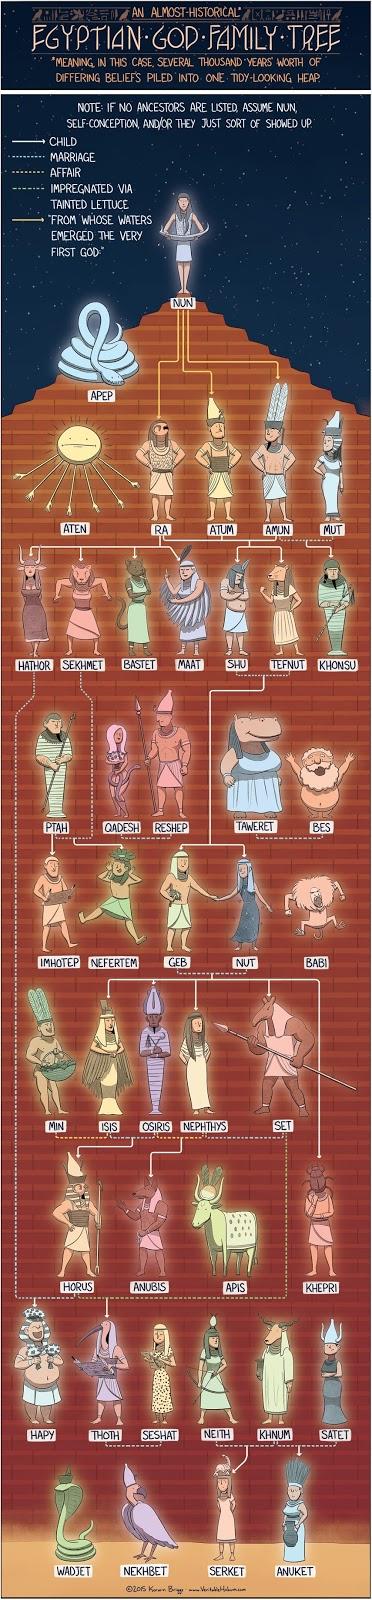 http://www.veritablehokum.com/comic/the-egyptian-god-family-tree/